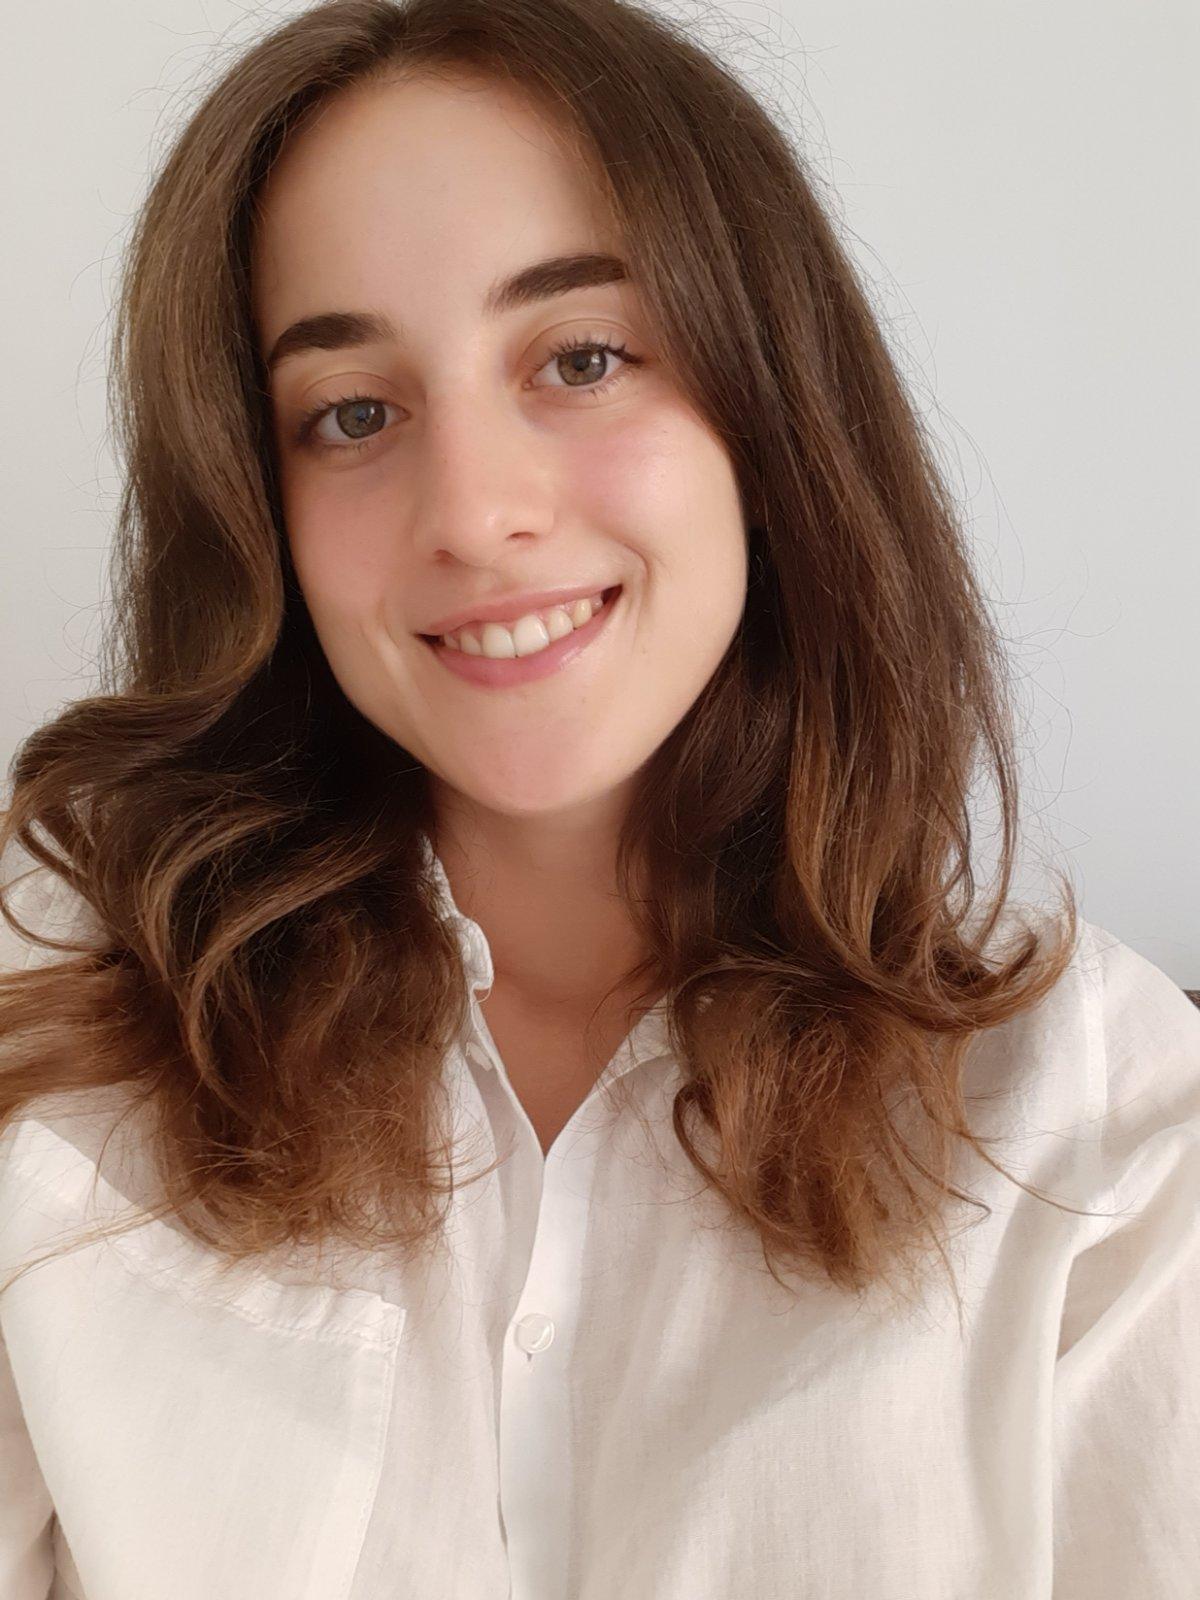 Ελισάβετ Φαρδέλλα